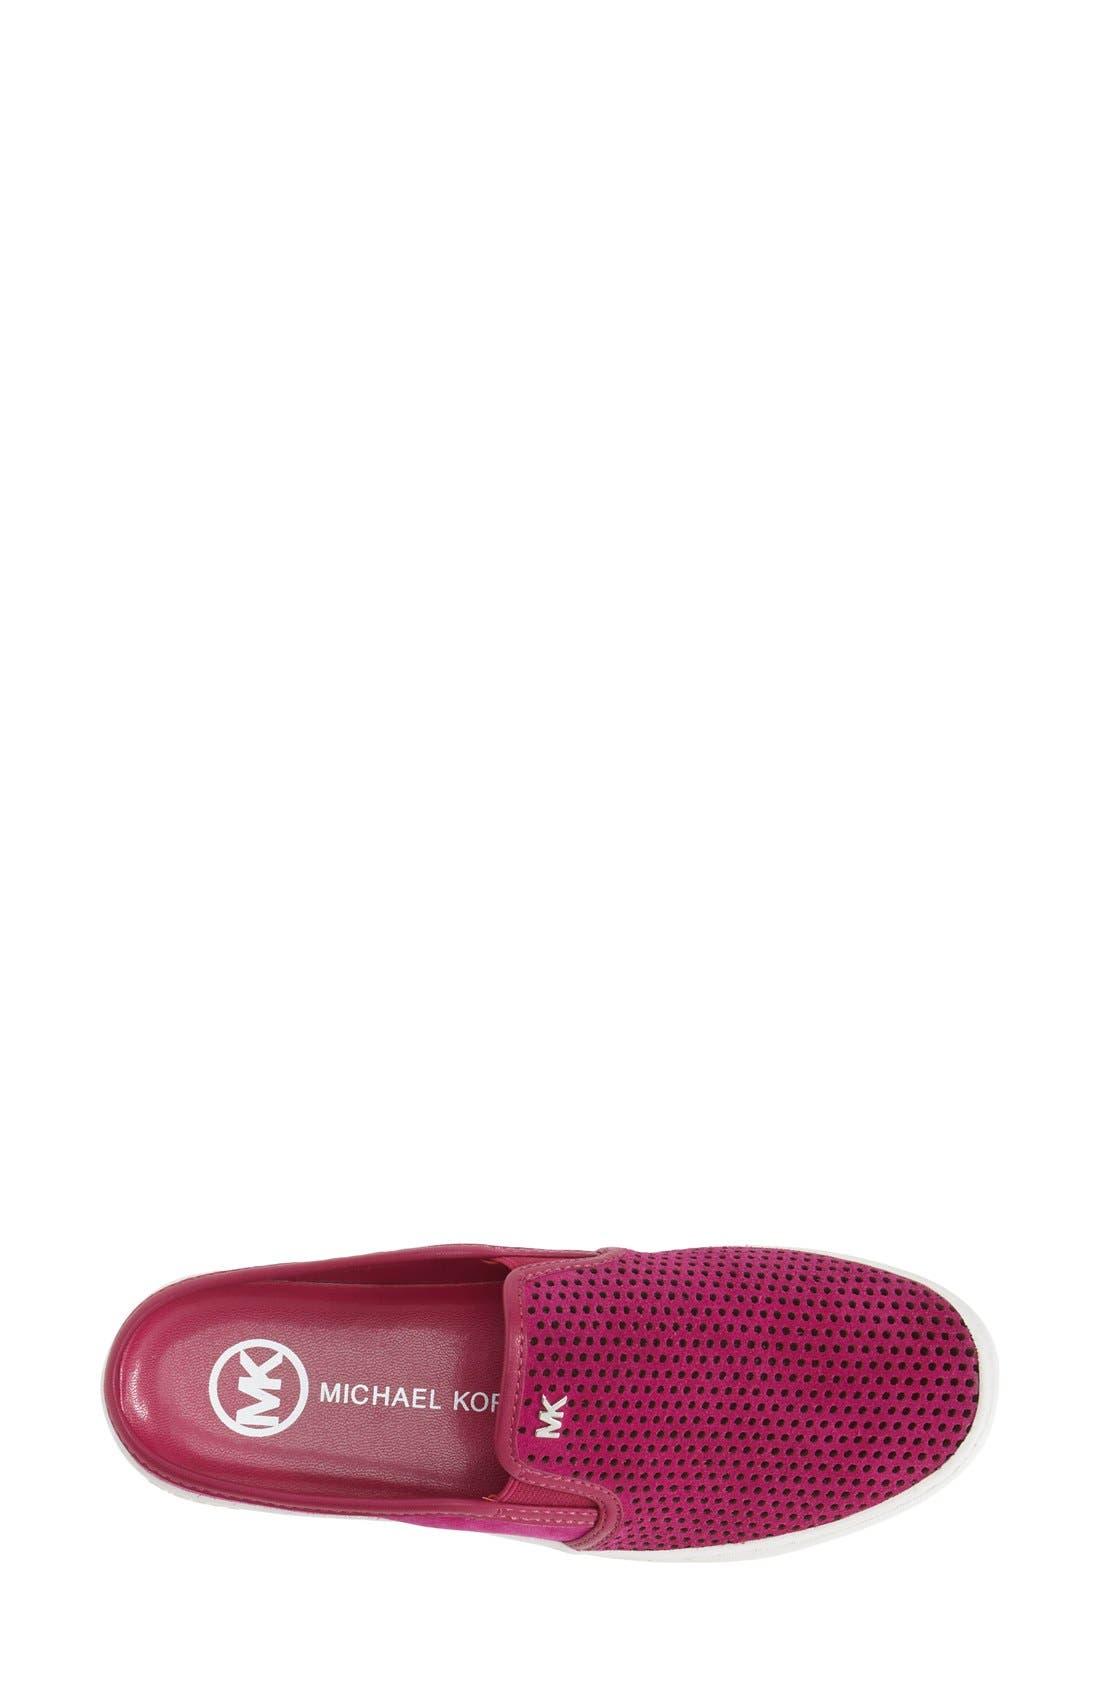 Alternate Image 3  - MICHAEL Michael Kors 'Brett' Perforated Slip-On Mule Sneaker (Women)